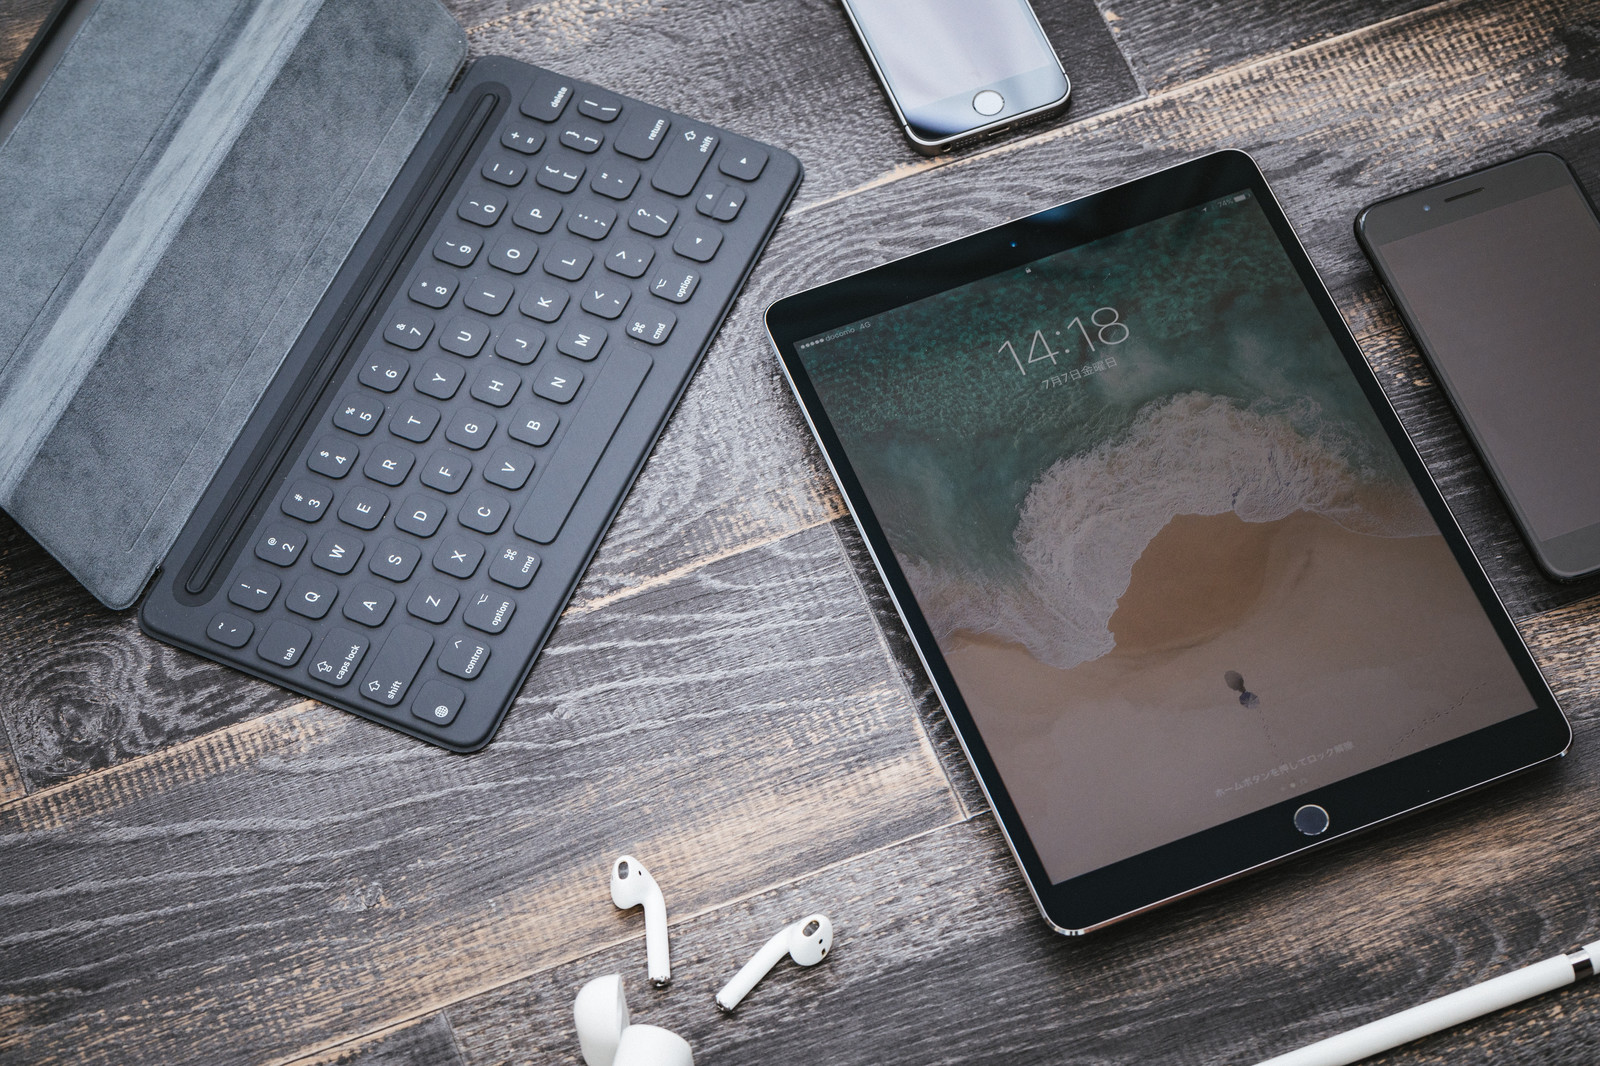 「木目の床とタブレット端末」の写真